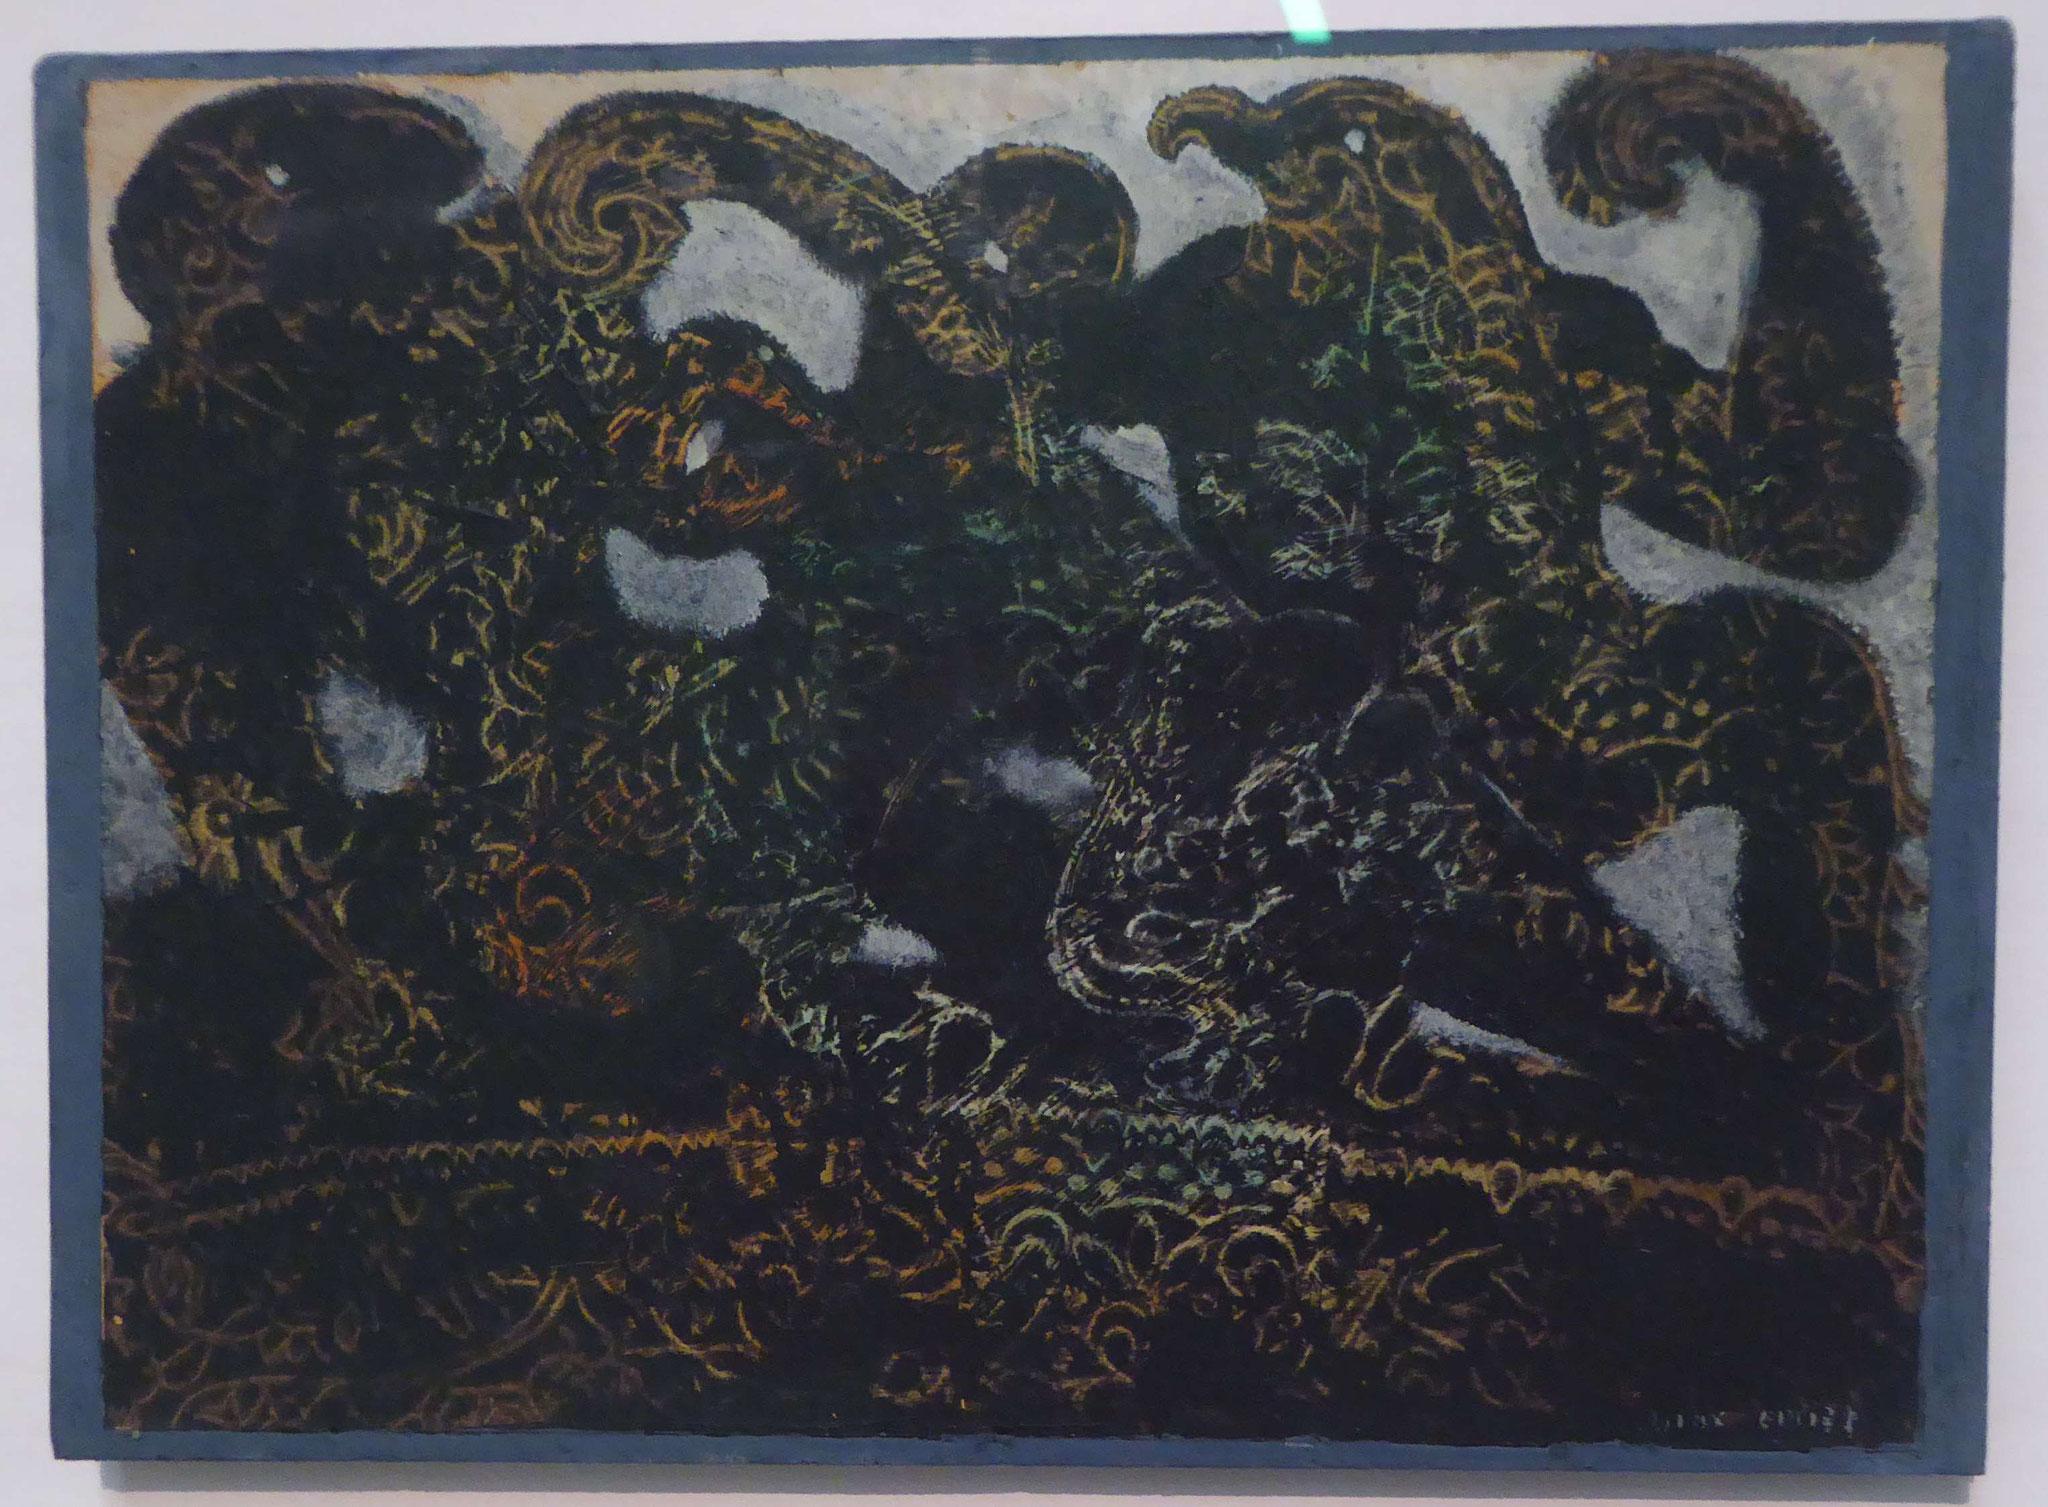 Max Ernst, Museum Moritzburg, Halle